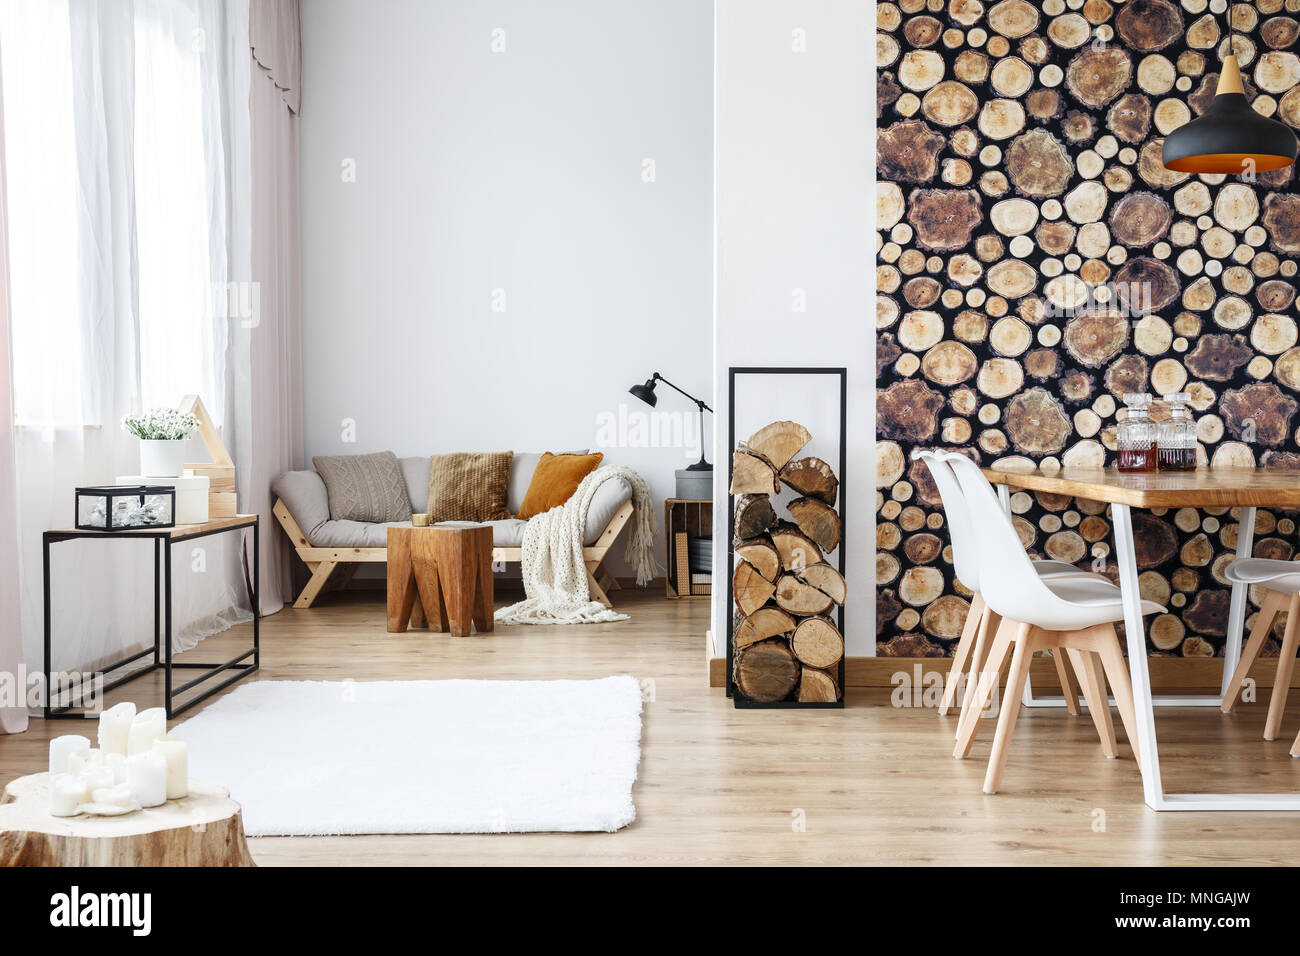 Holz Textur Tapete im gemütlichen Speisesaal Platz der ...